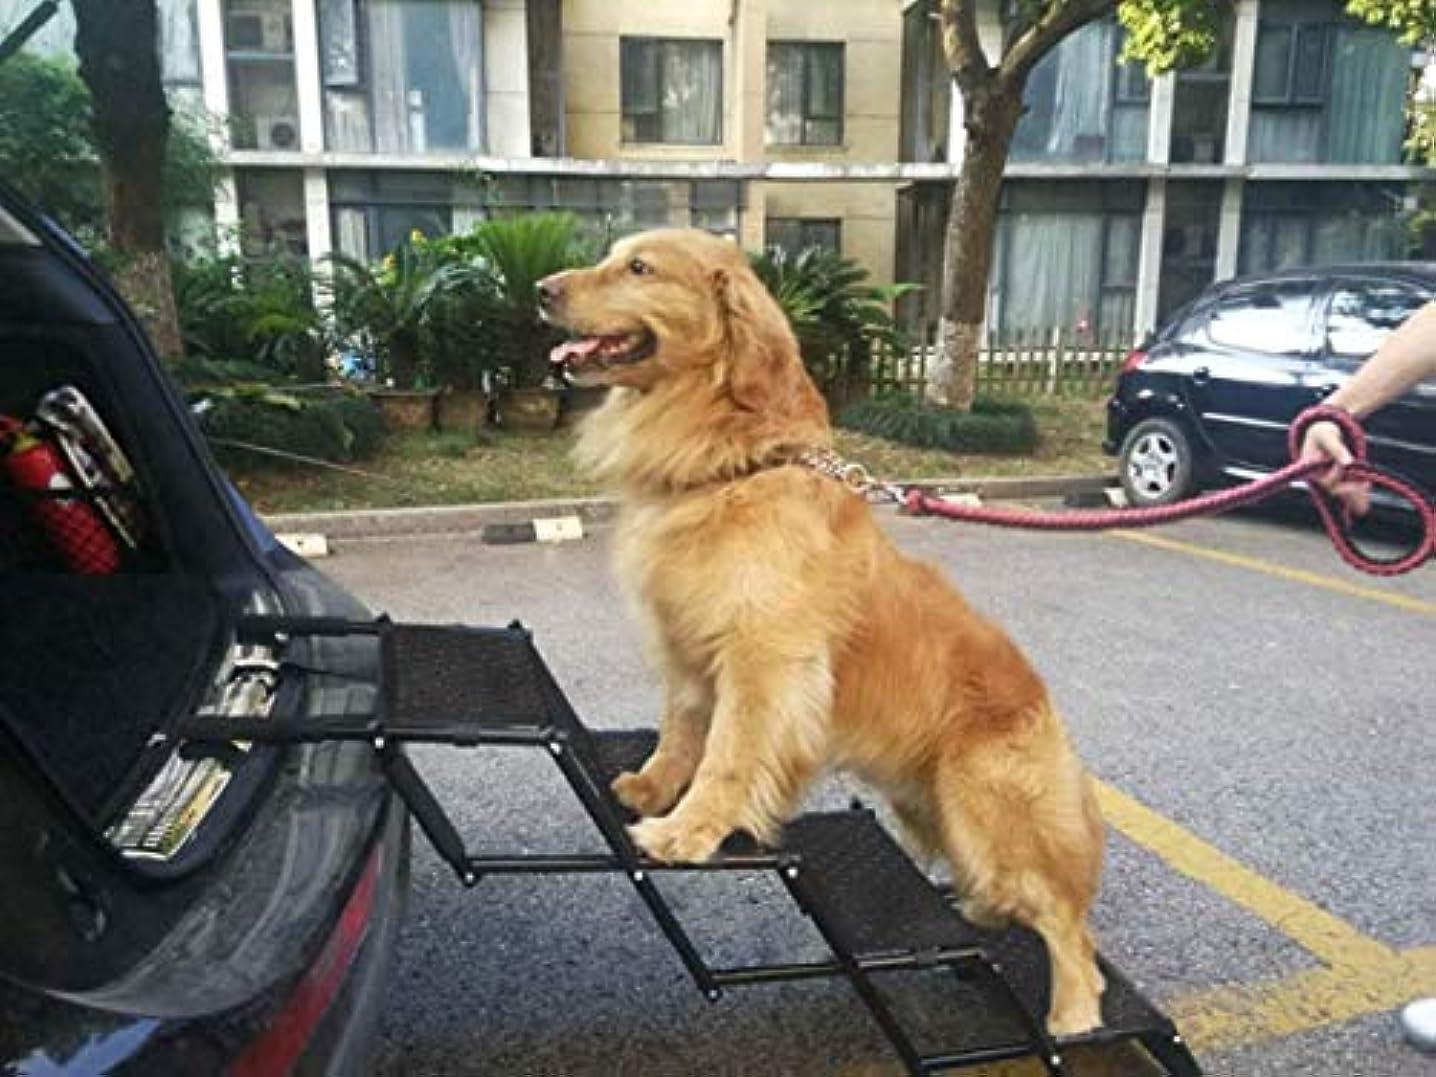 ご意見大使館スーツケースSnagle Paw アップグレードされたペット 犬 車 ステップ 階段 車 トラックとSUV貨物 ソファと高いベッド4つ ステップ 用 偉大な屋内屋外で 使用で軽量 ポータブル自動大型犬ラダー 用 ペット ランプを折りたたみ...